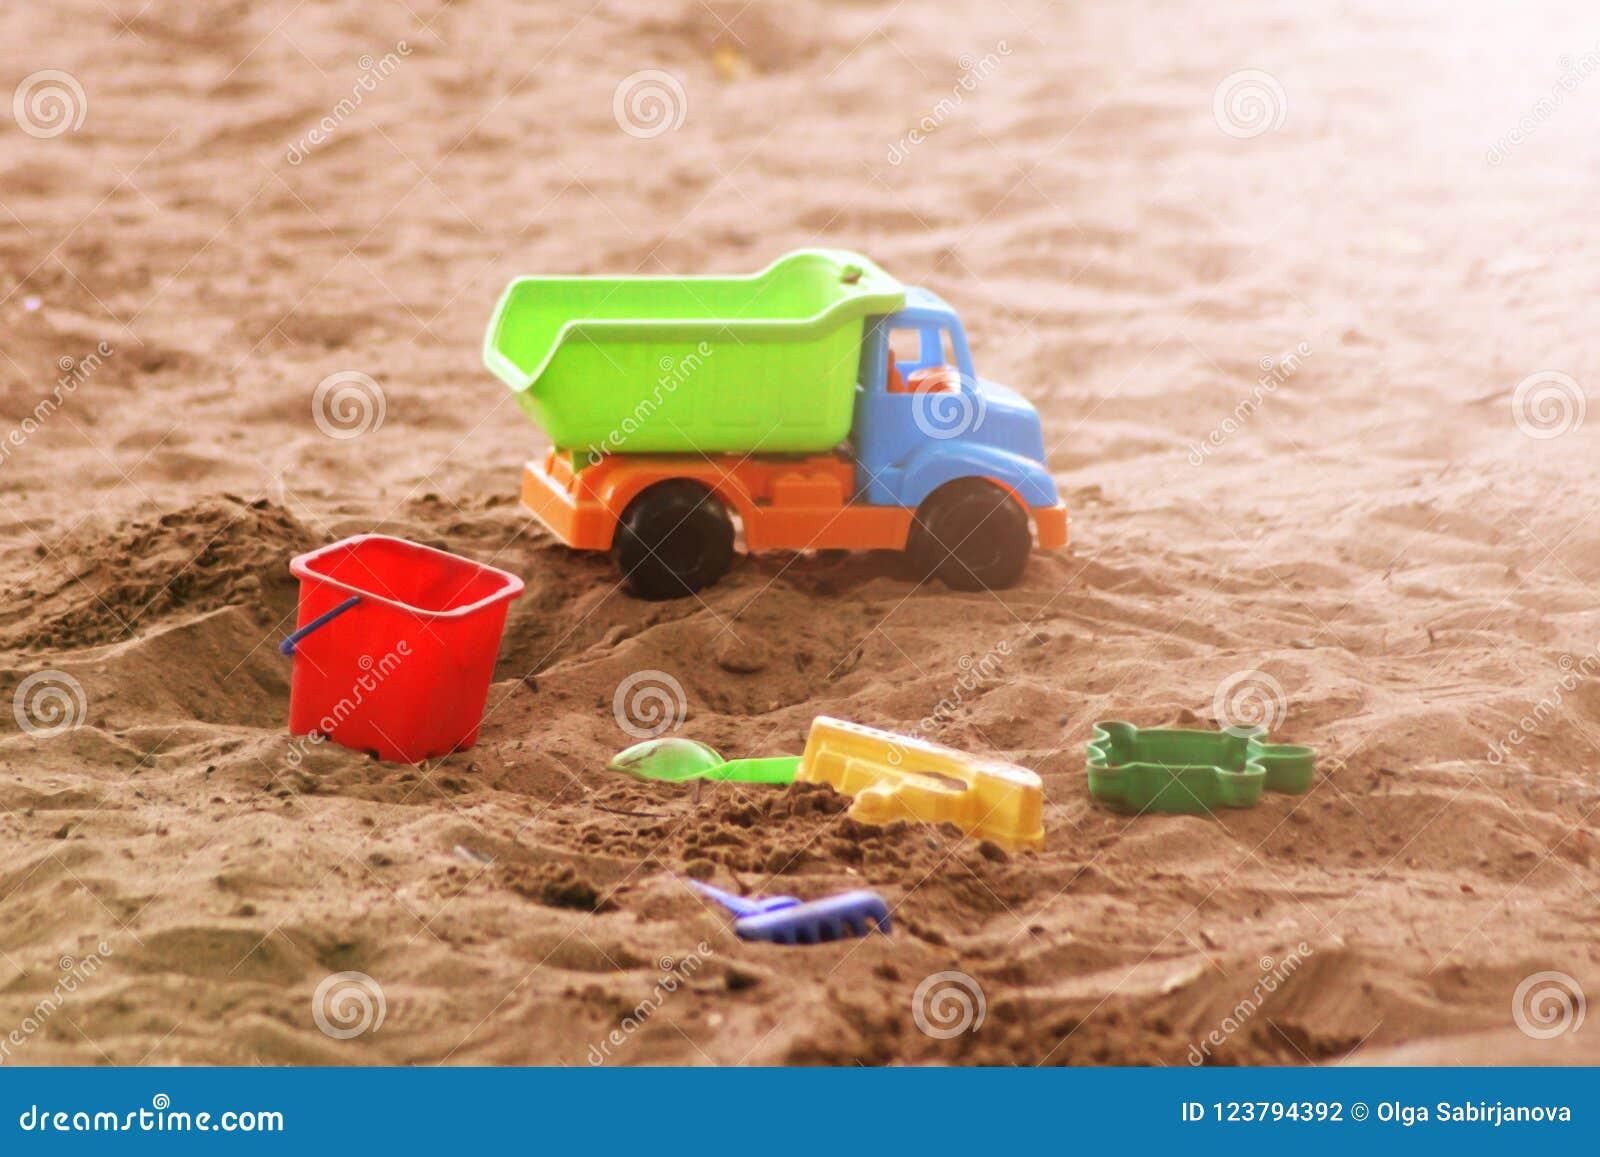 Het speelgoed van het kinderen` s strand - emmers, spoor en schop op zand op een zonnige dag